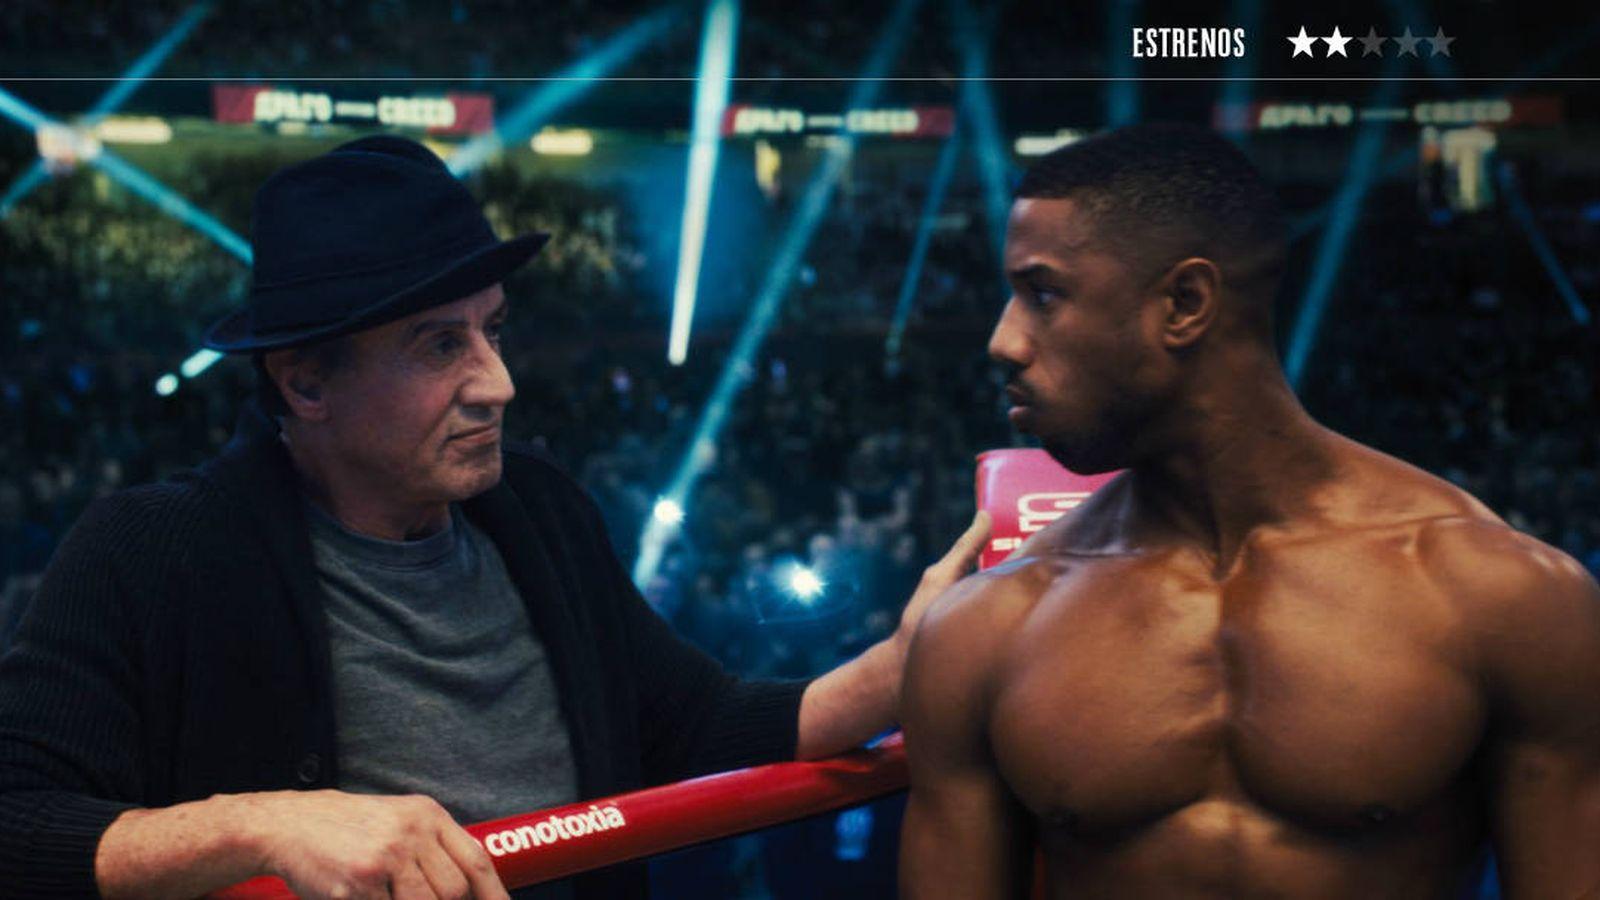 Críticas De Cine Creed Ii La Leyenda De Rocky Un Refrito Previsible Y Aburrido